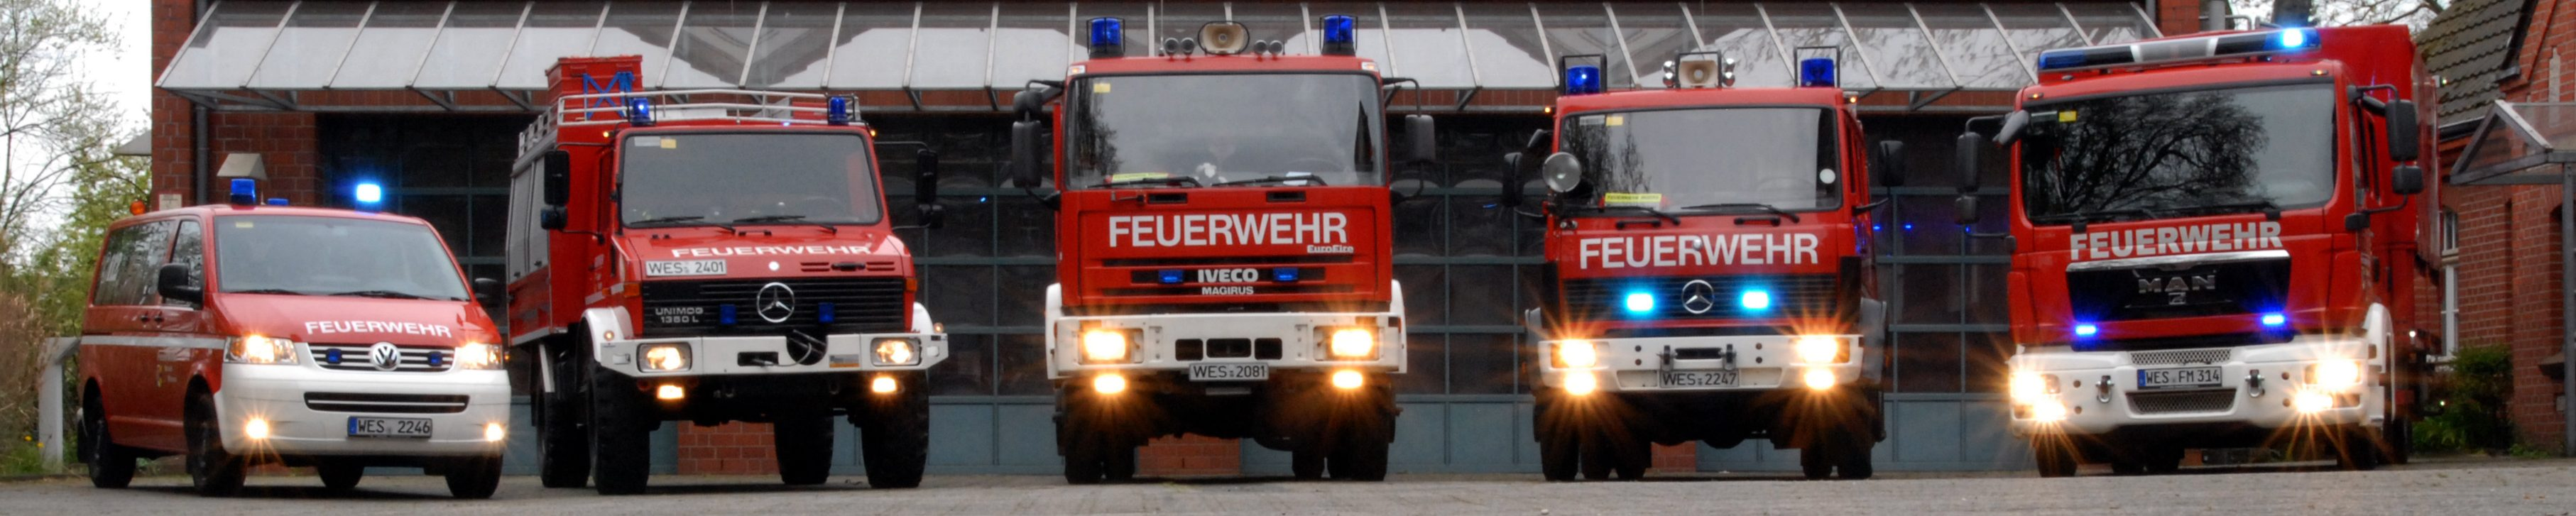 Feuerwehr Scherpenberg